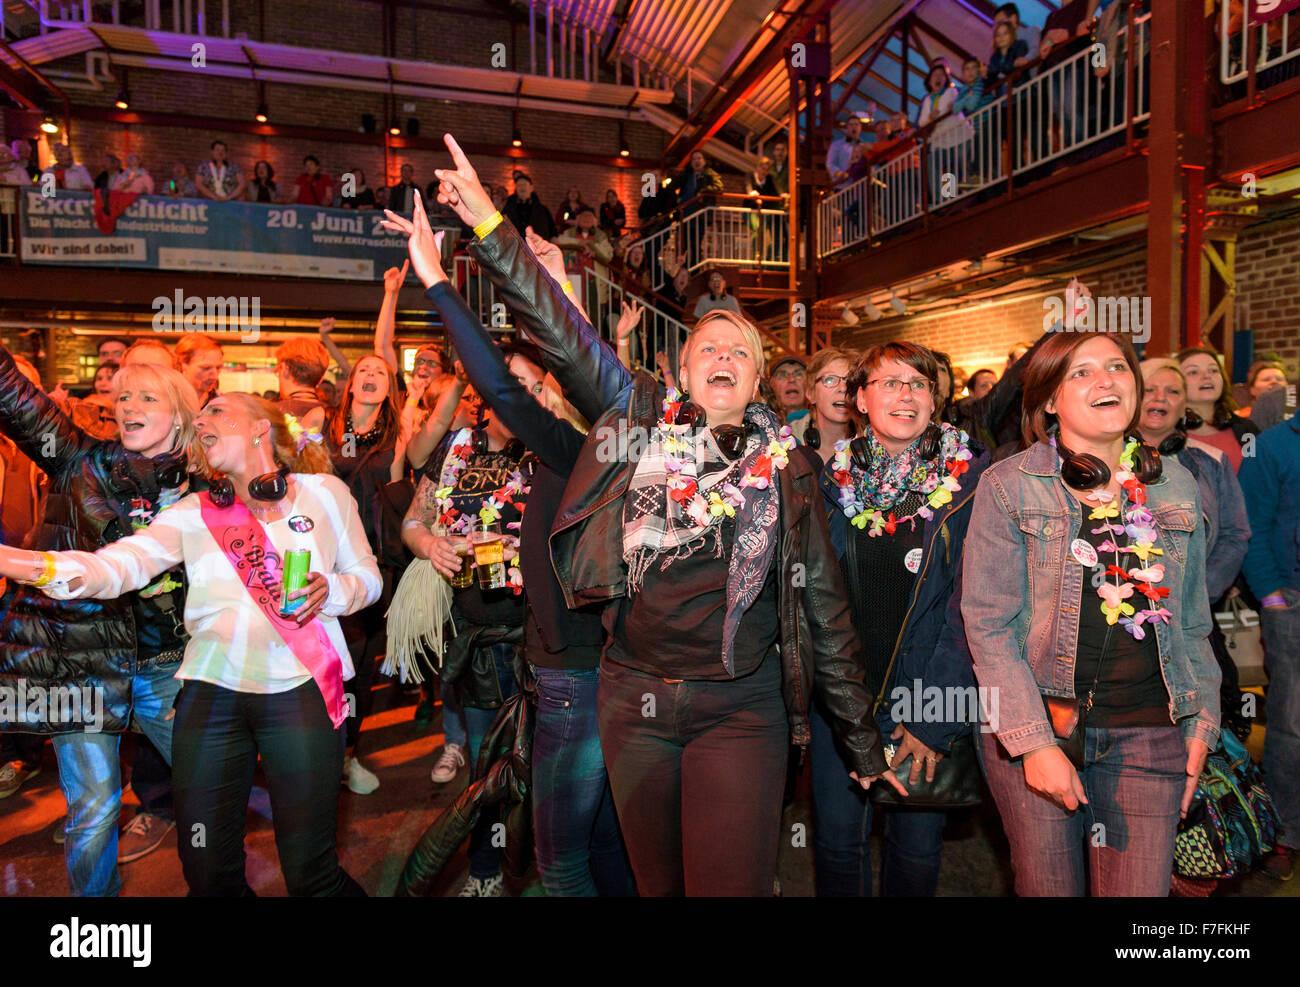 Menschen im Ruhrgebiet feiern die jährliche Extraschicht - die Nacht der Industriekultur, hier beim gemeinsamen Stockbild